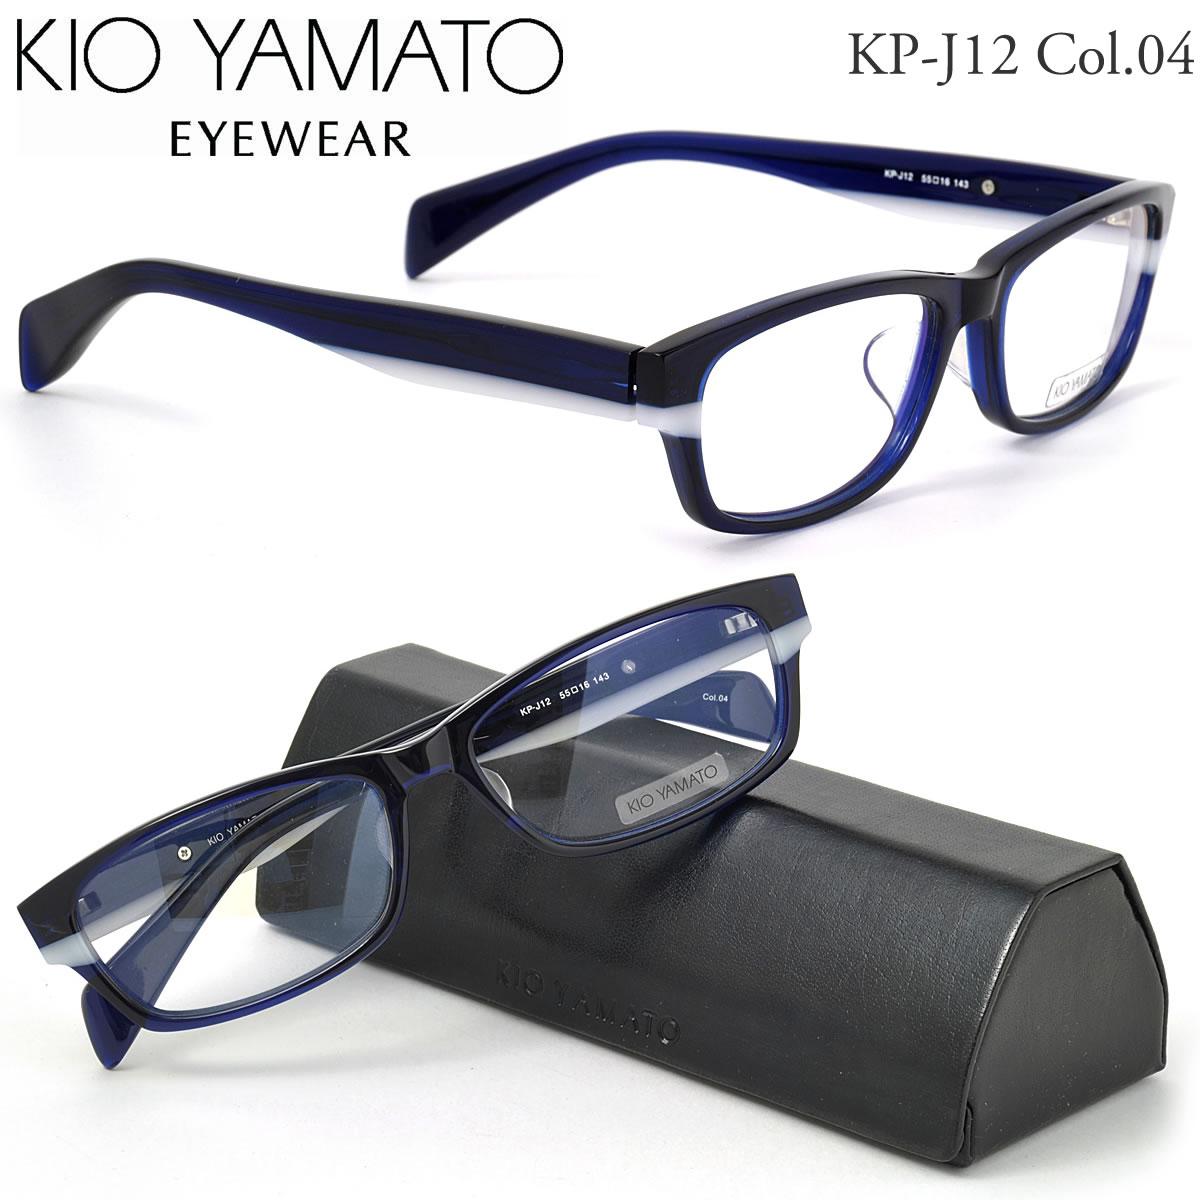 ポイント最大42倍!!お得なクーポンも !! 【KIO YAMATO メガネ】キオヤマト メガネフレーム KP-J12 04